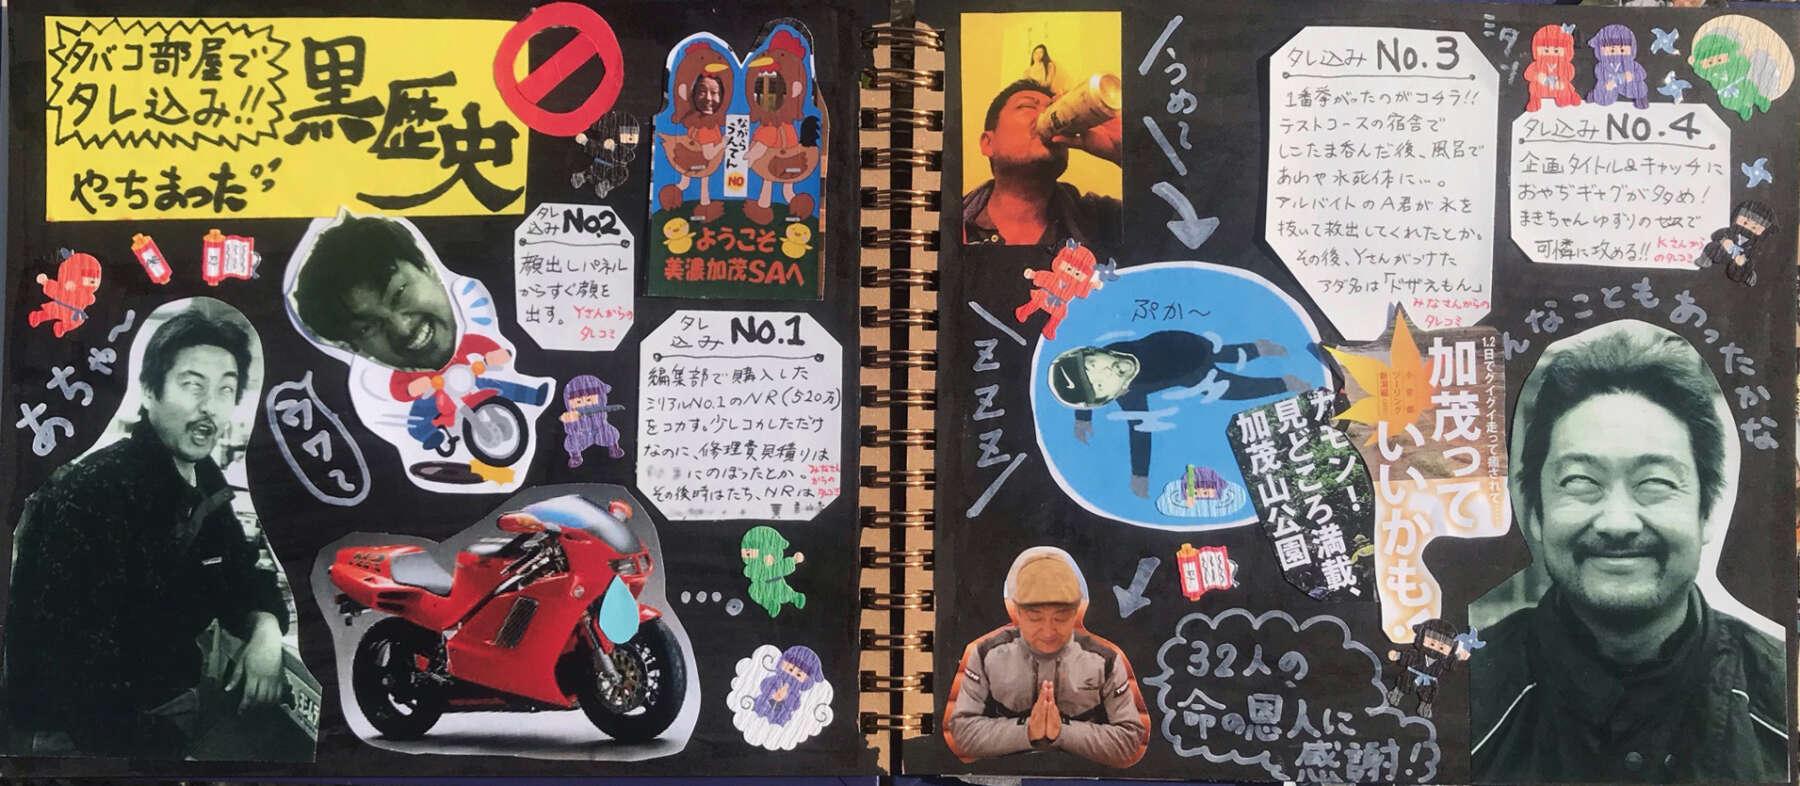 小川の黒歴史小冊子を加工なしで